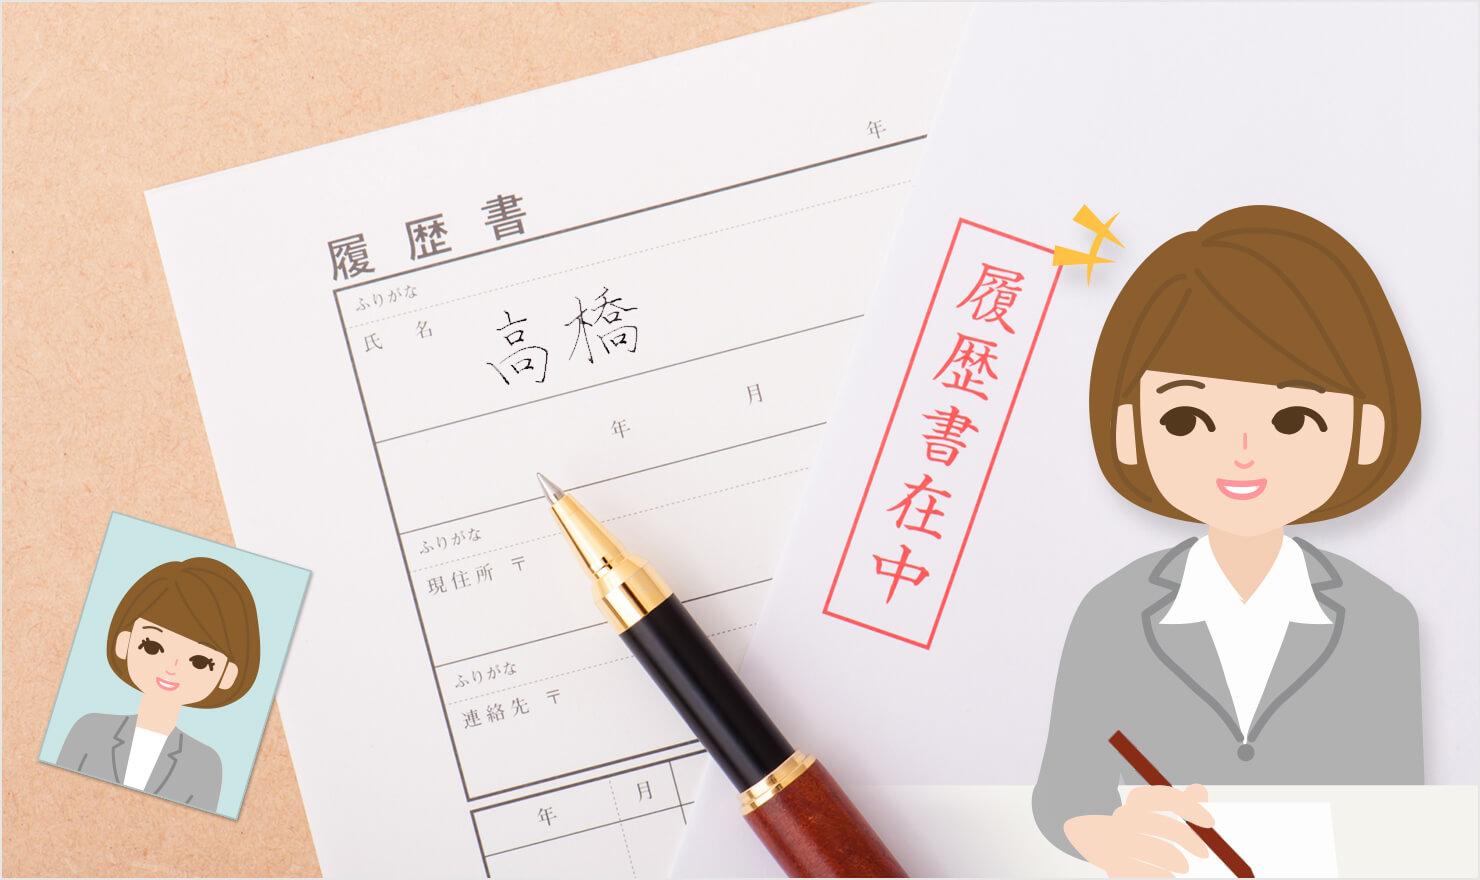 ボールペンで履歴書を変える!使いやすいオススメのペンを徹底比較